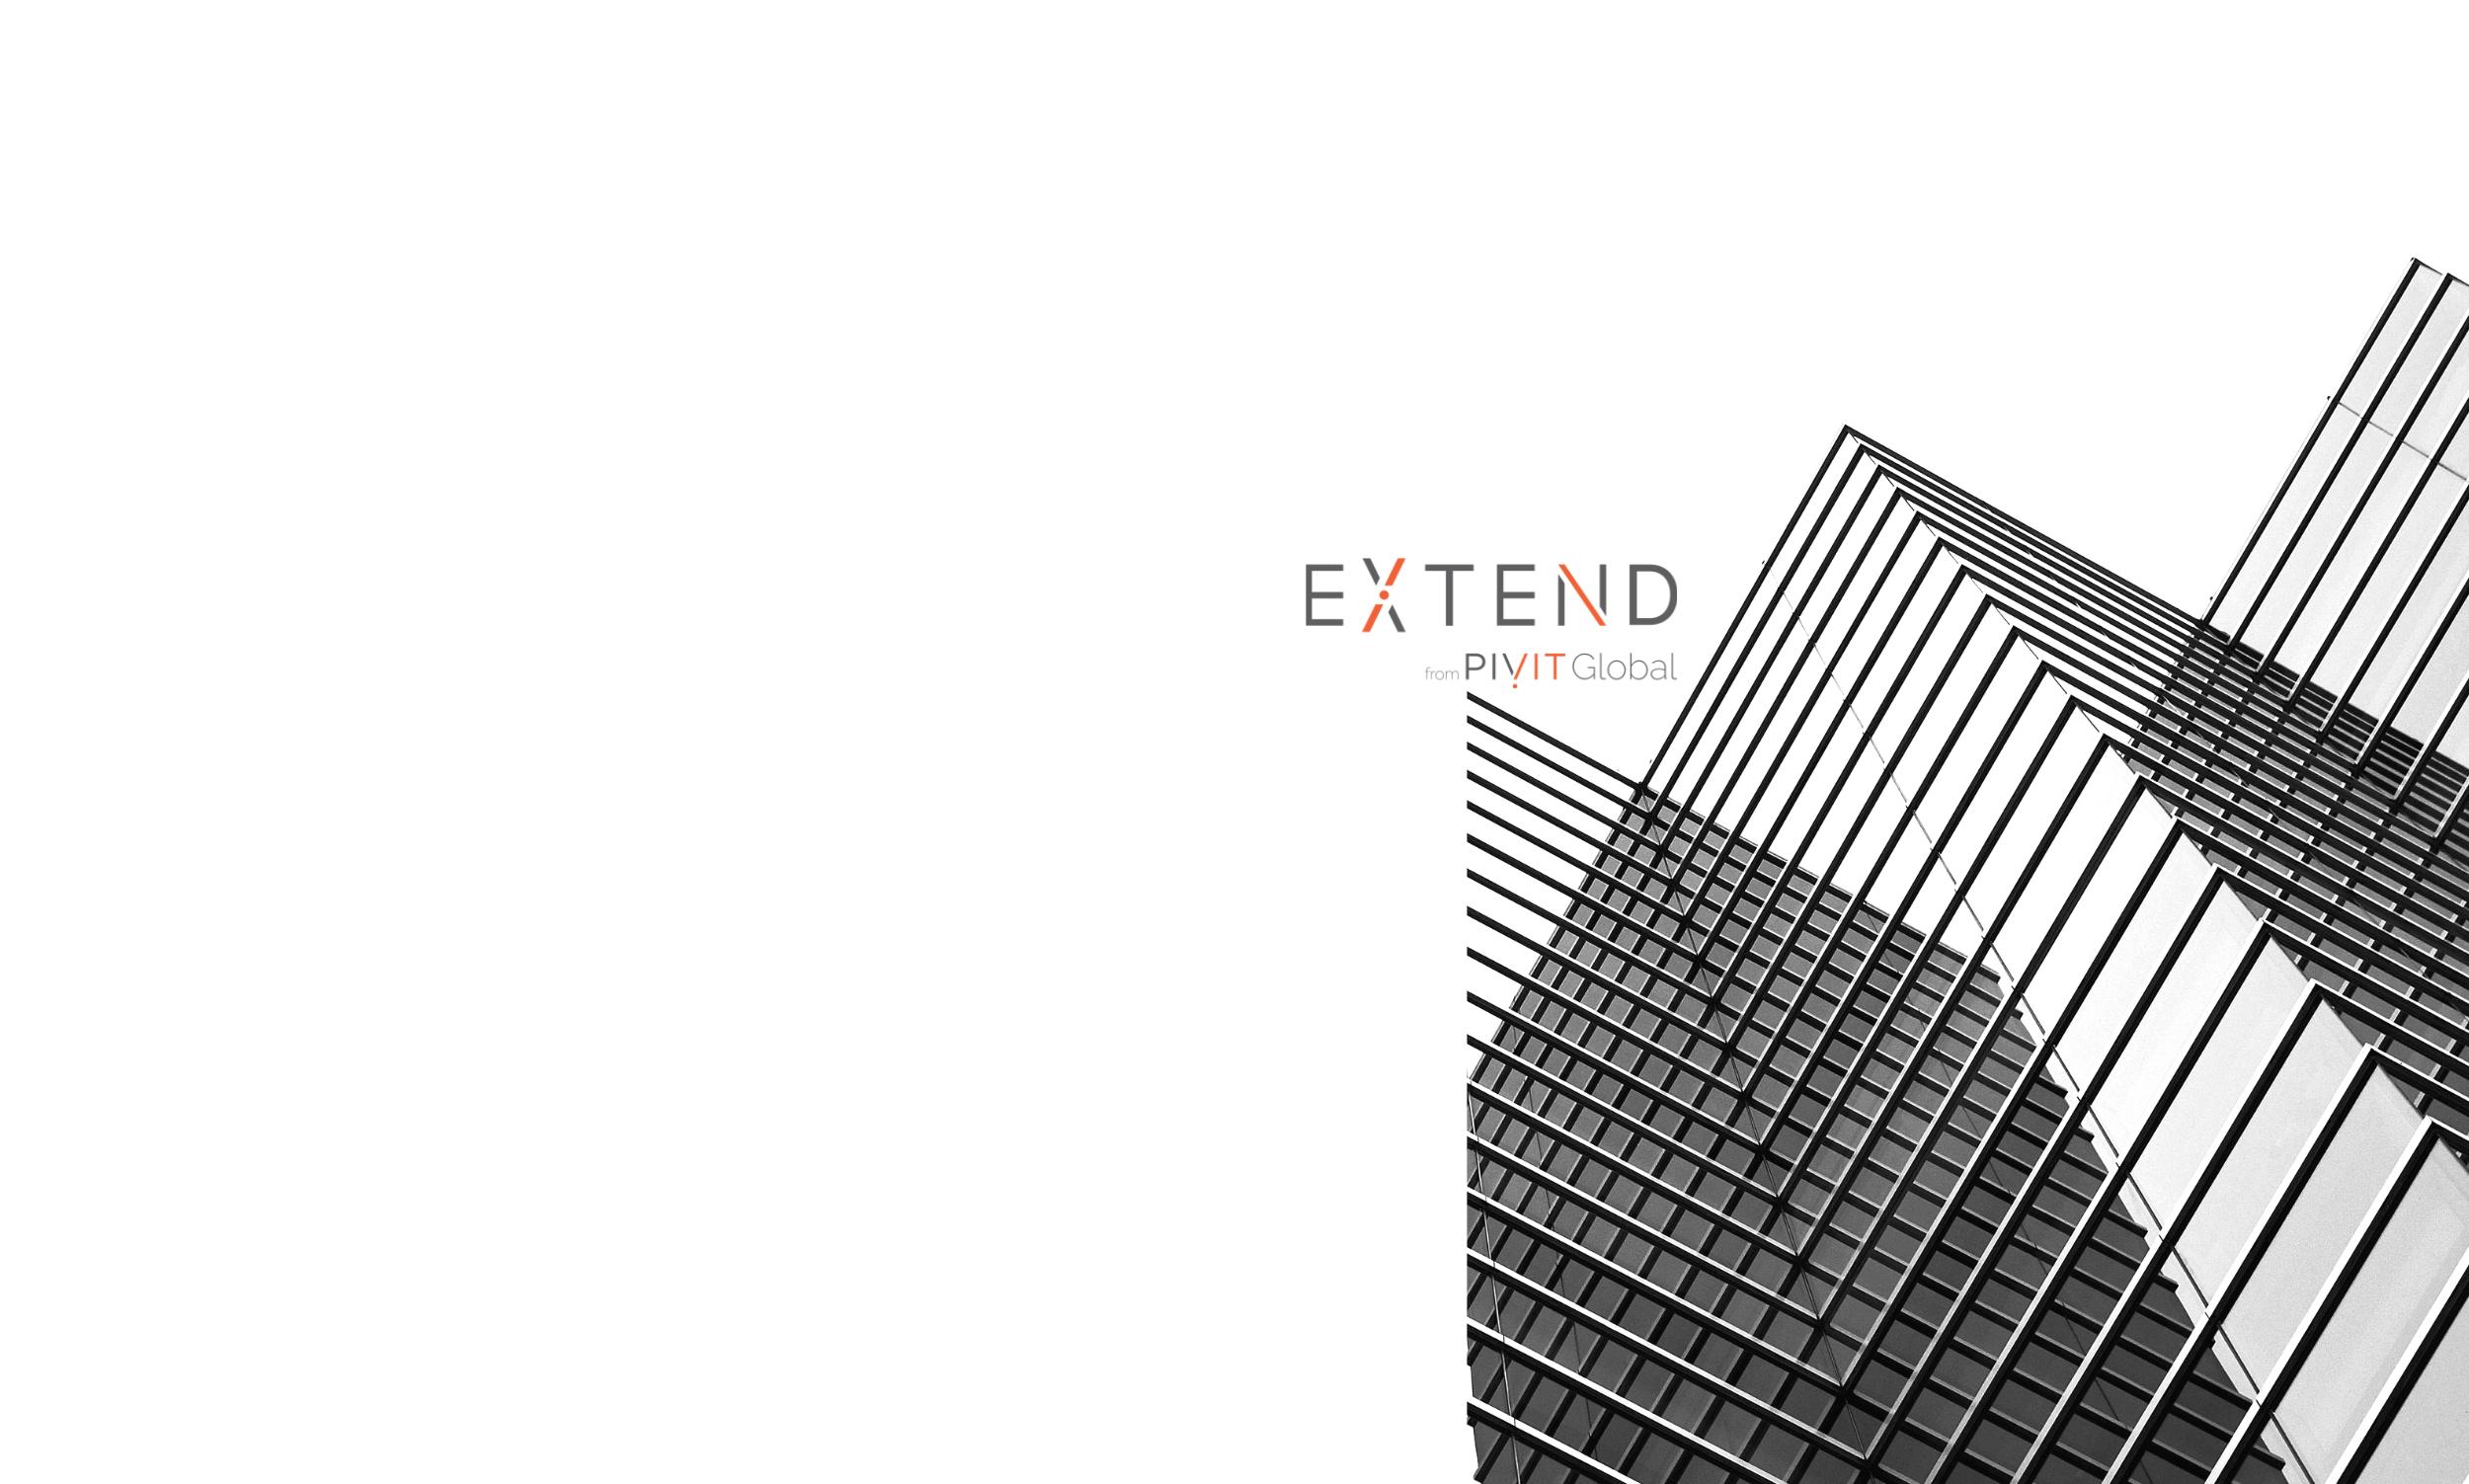 extend-pivit-global-it-services